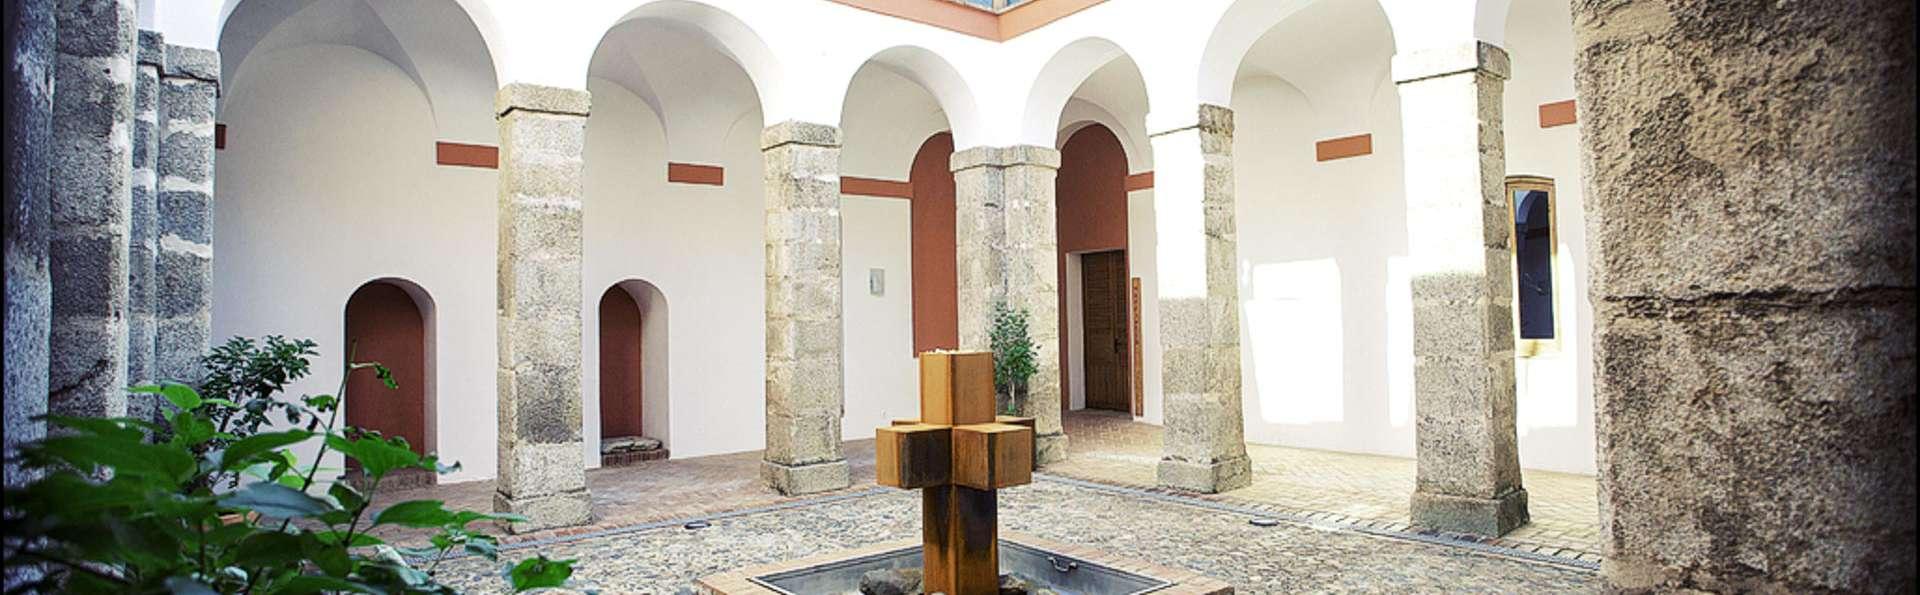 Hotel Convento San Diego ( inactive ) - EDIT_EXTERIOR_01.jpg